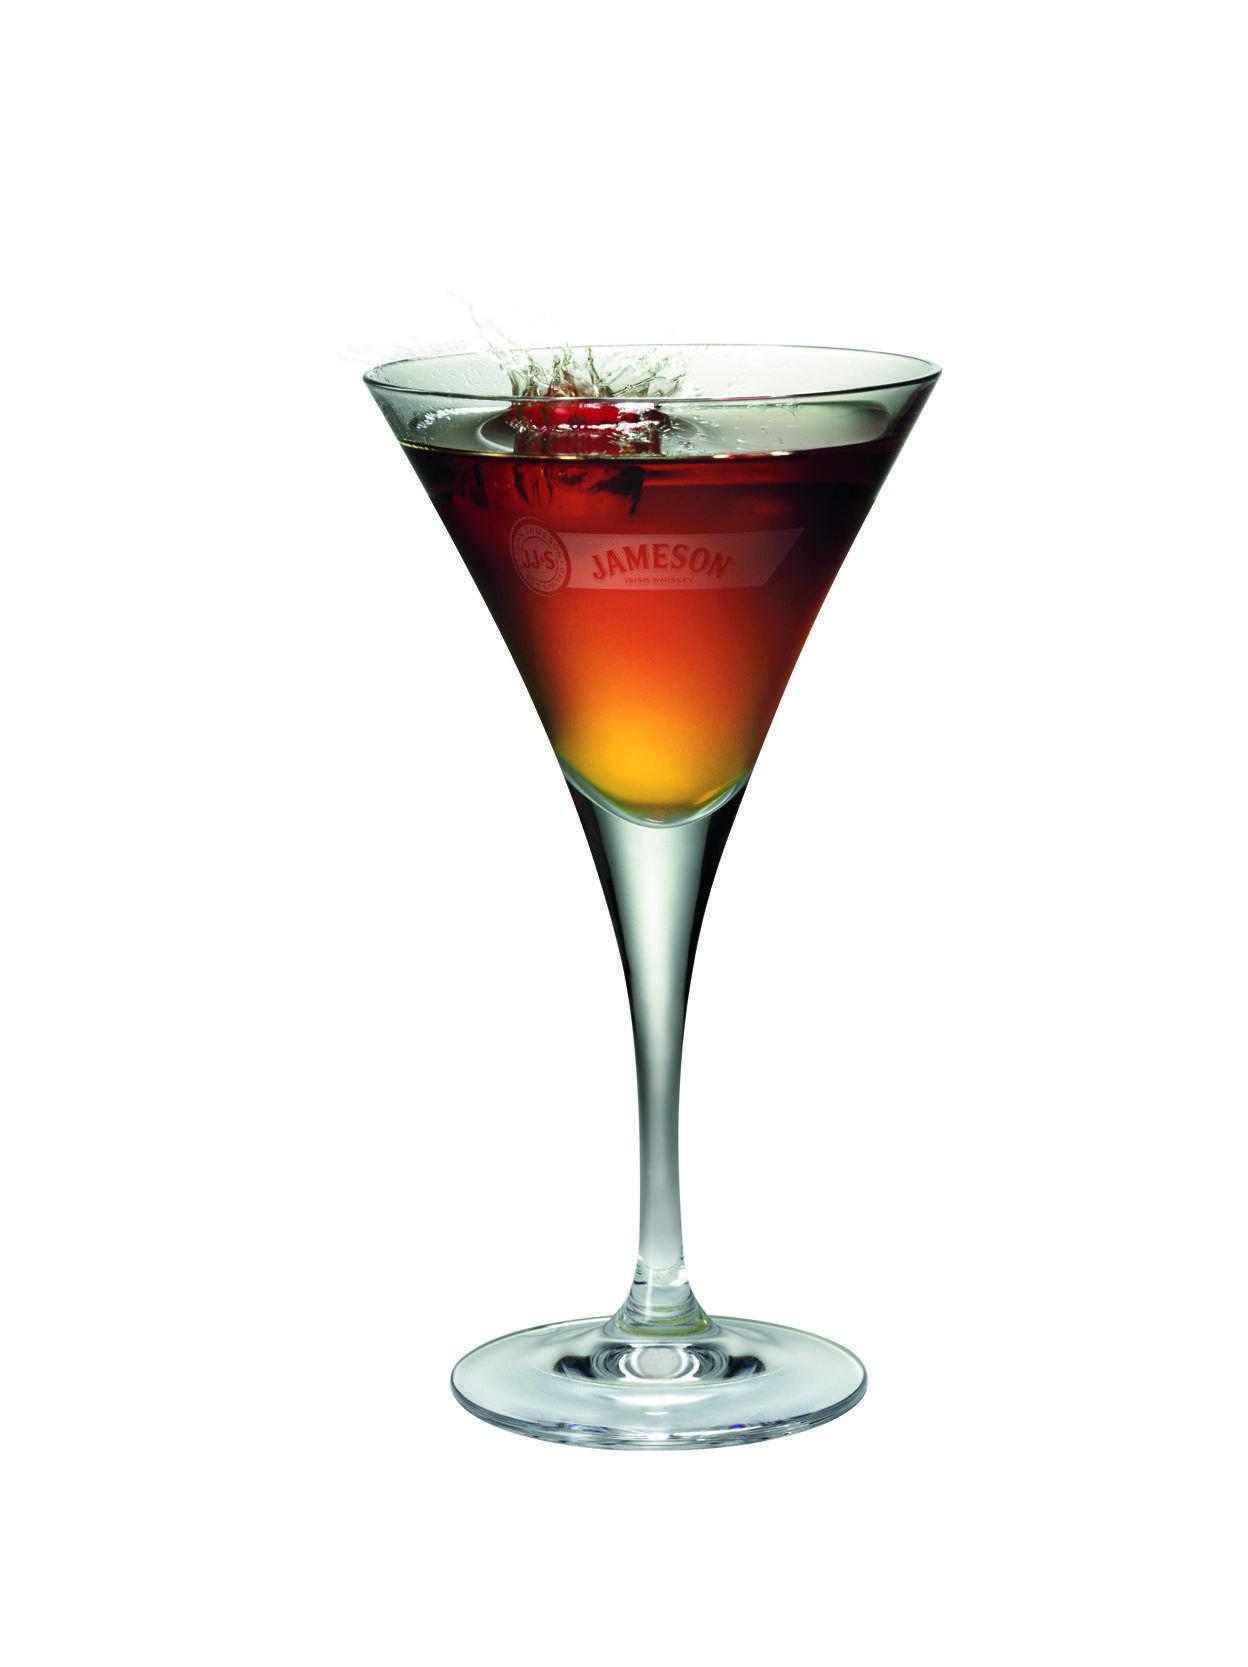 Коктейль манхэттен: история напитка, рецепт приготовления в домашних условиях